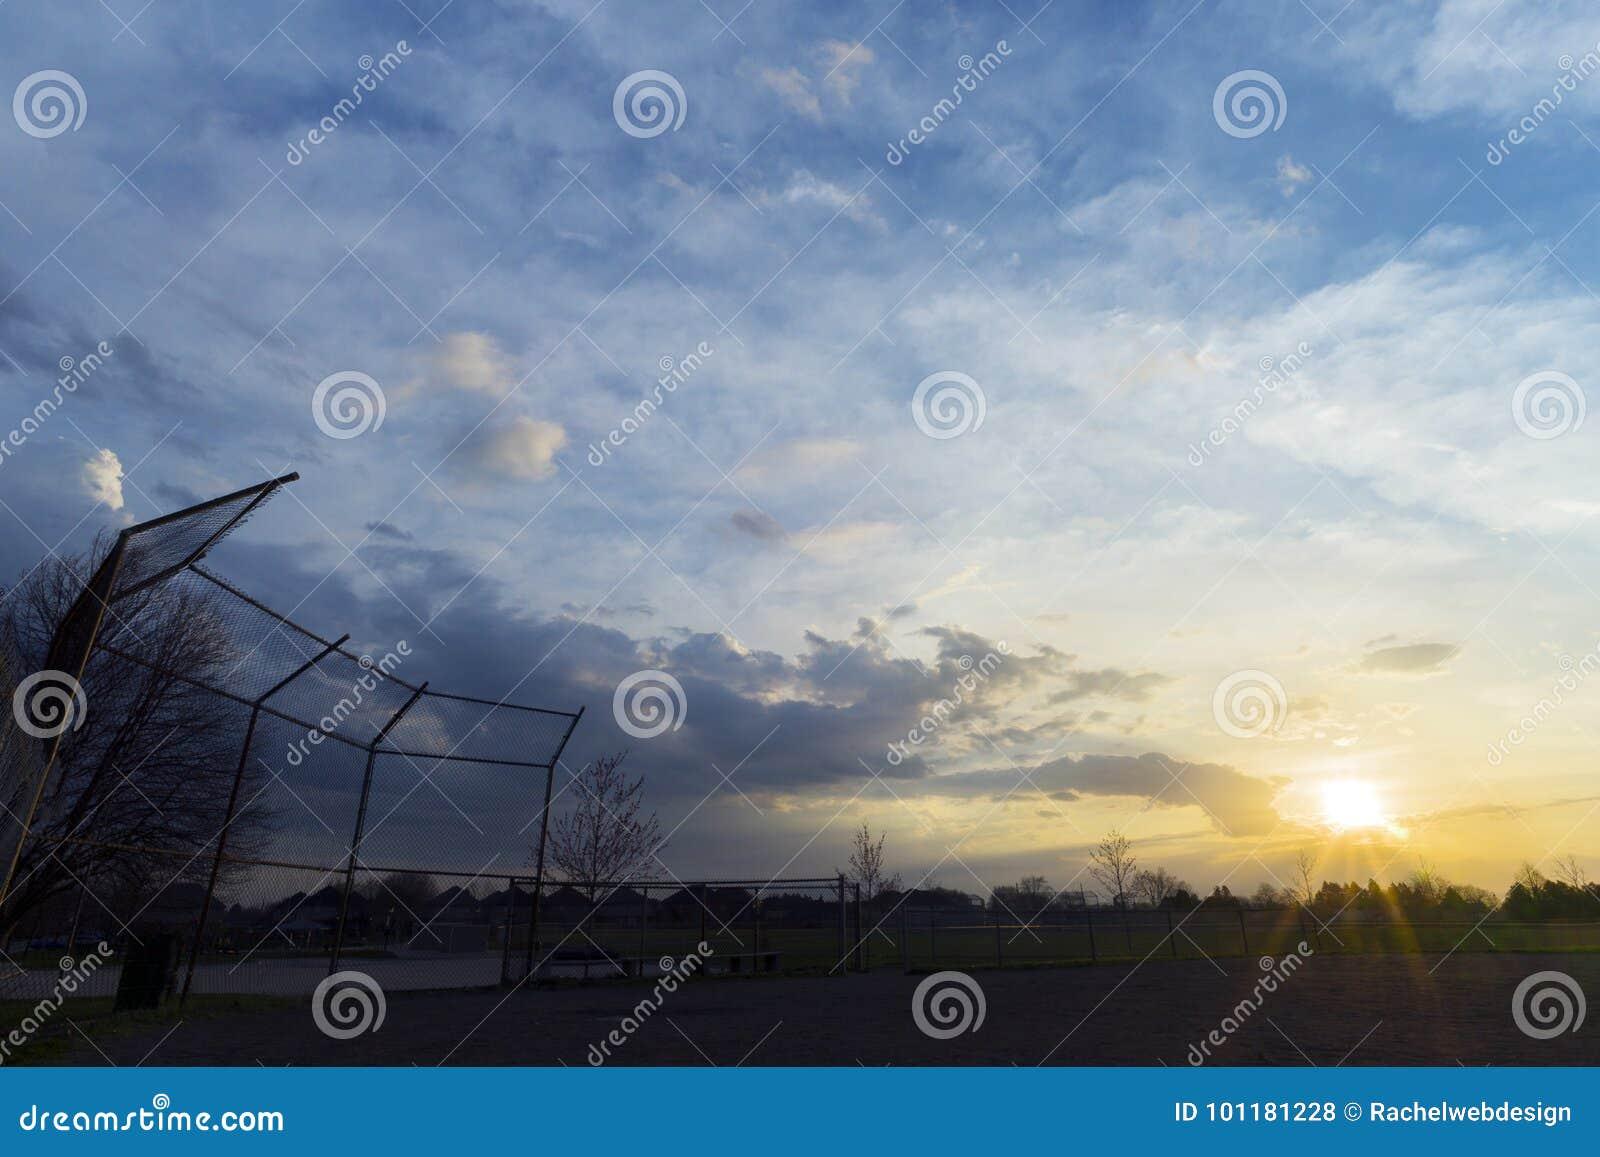 Schattenbild des Baseballdiamantzauns an der Dämmerung, schöner Sonnenaufgang